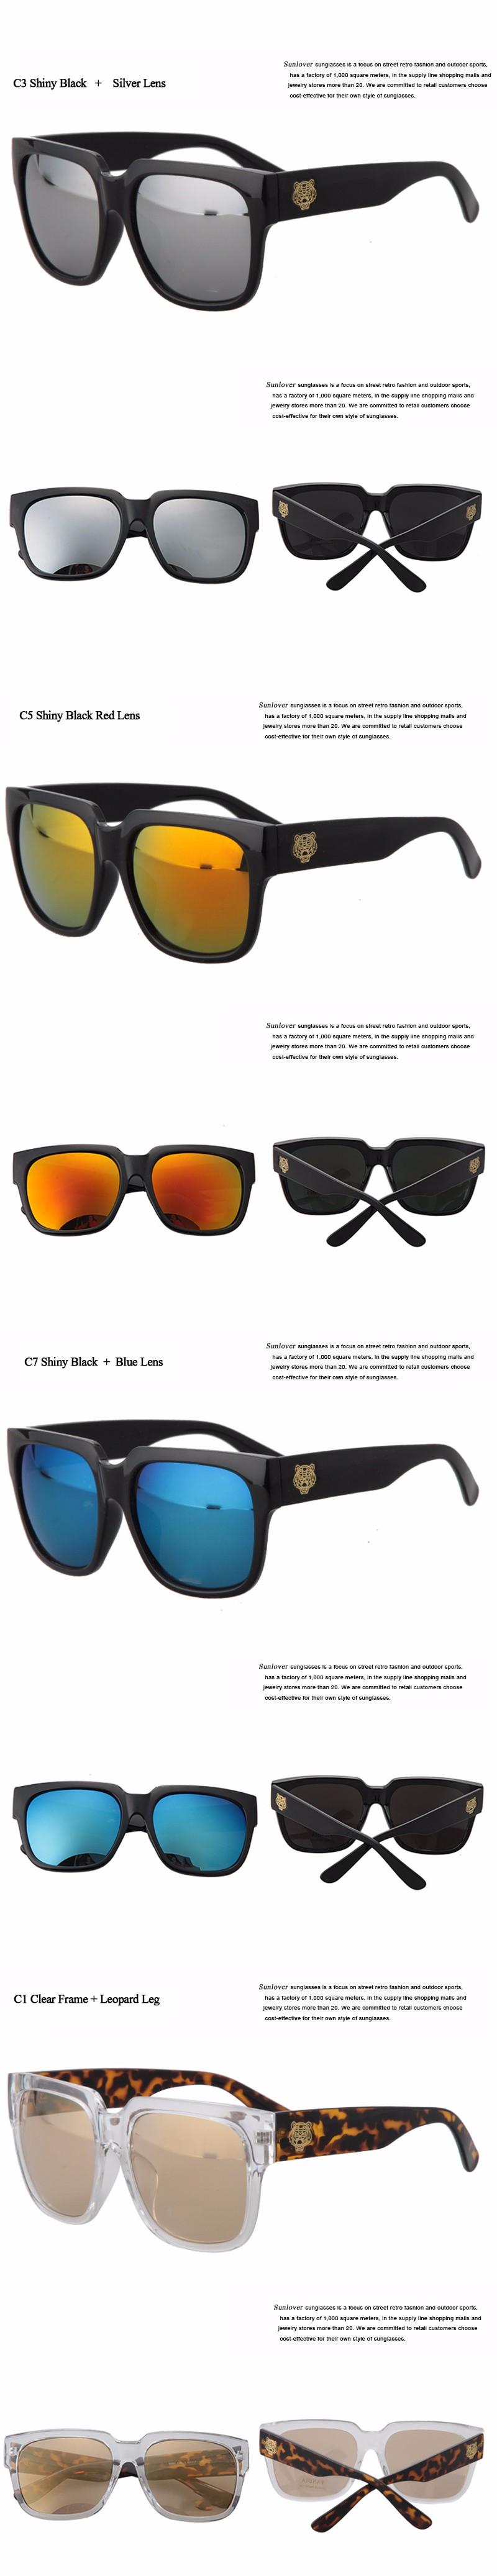 17893dadfcba Fashion Korea Star Same Designer Eyewear Women Men Unisex Square Sunglasses  Shades Points sun Glasses Cool Coating Sunglass. zhutu 1 XIANGQING 5  XIANGQING 6